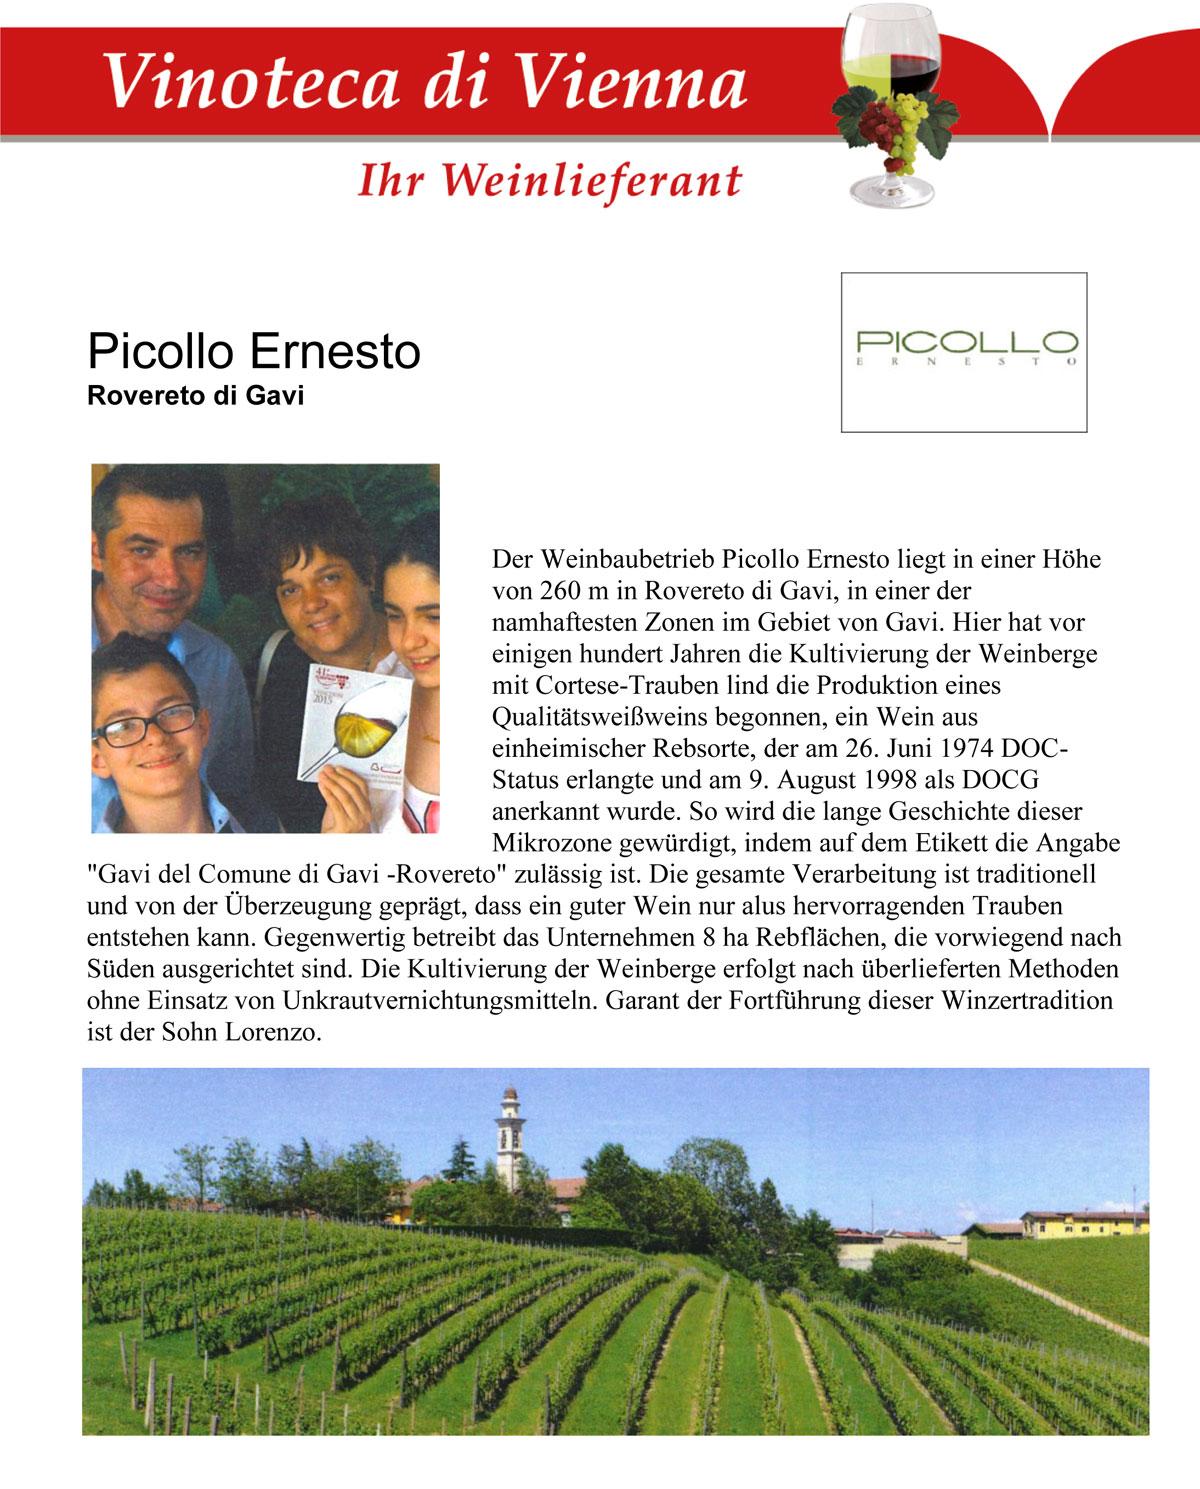 Picollo Ernesto Weingut, Rovereto di Gavi